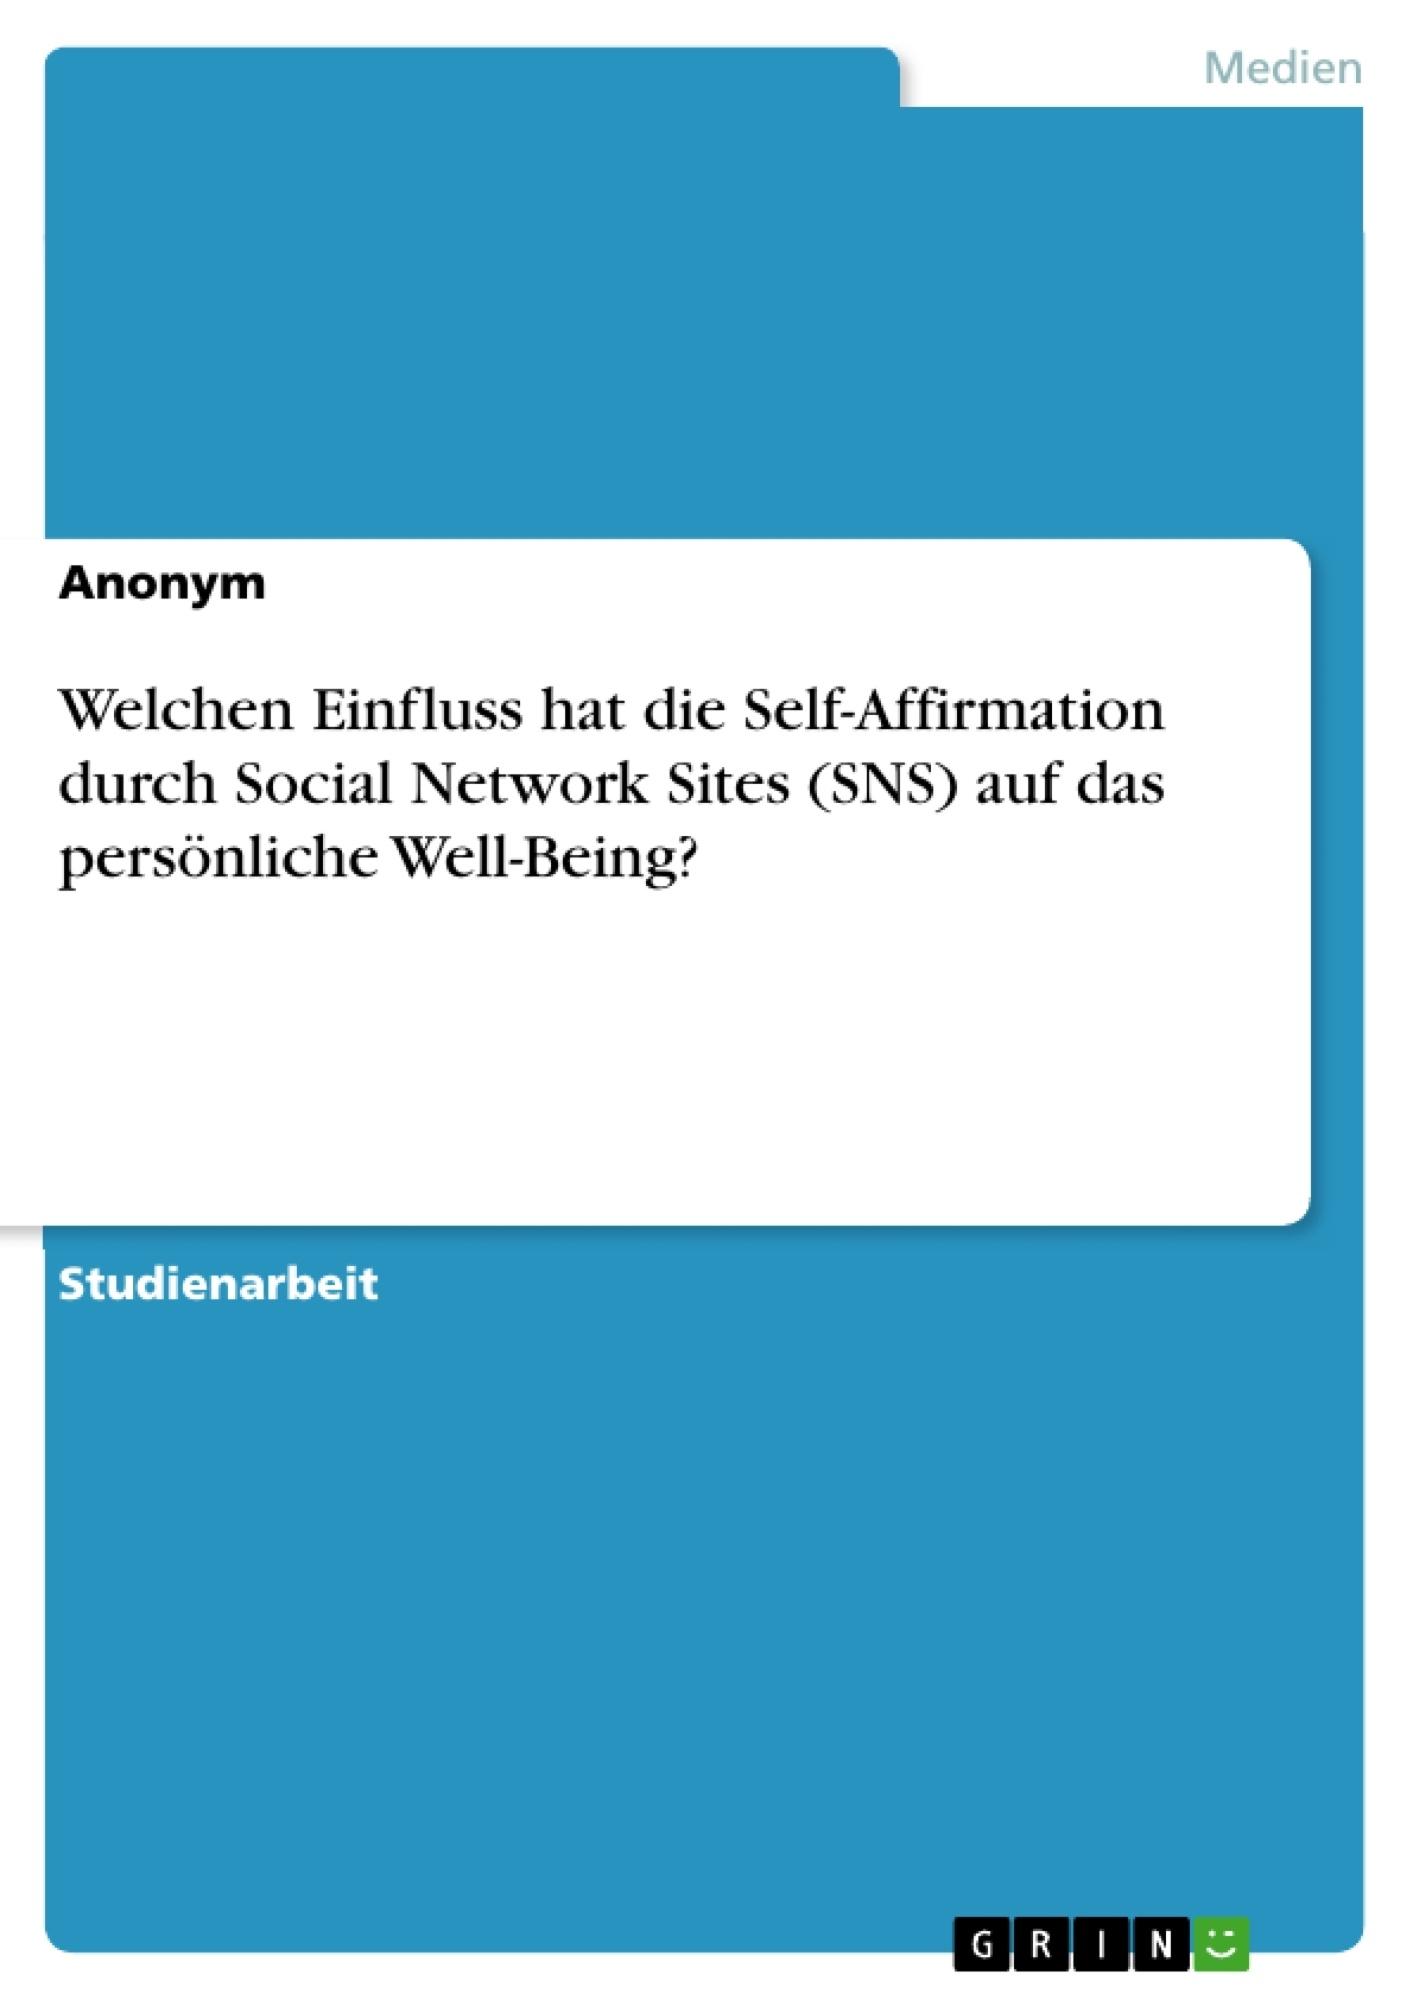 Titel: Welchen Einfluss hat die Self-Affirmation durch Social Network Sites (SNS) auf das persönliche Well-Being?